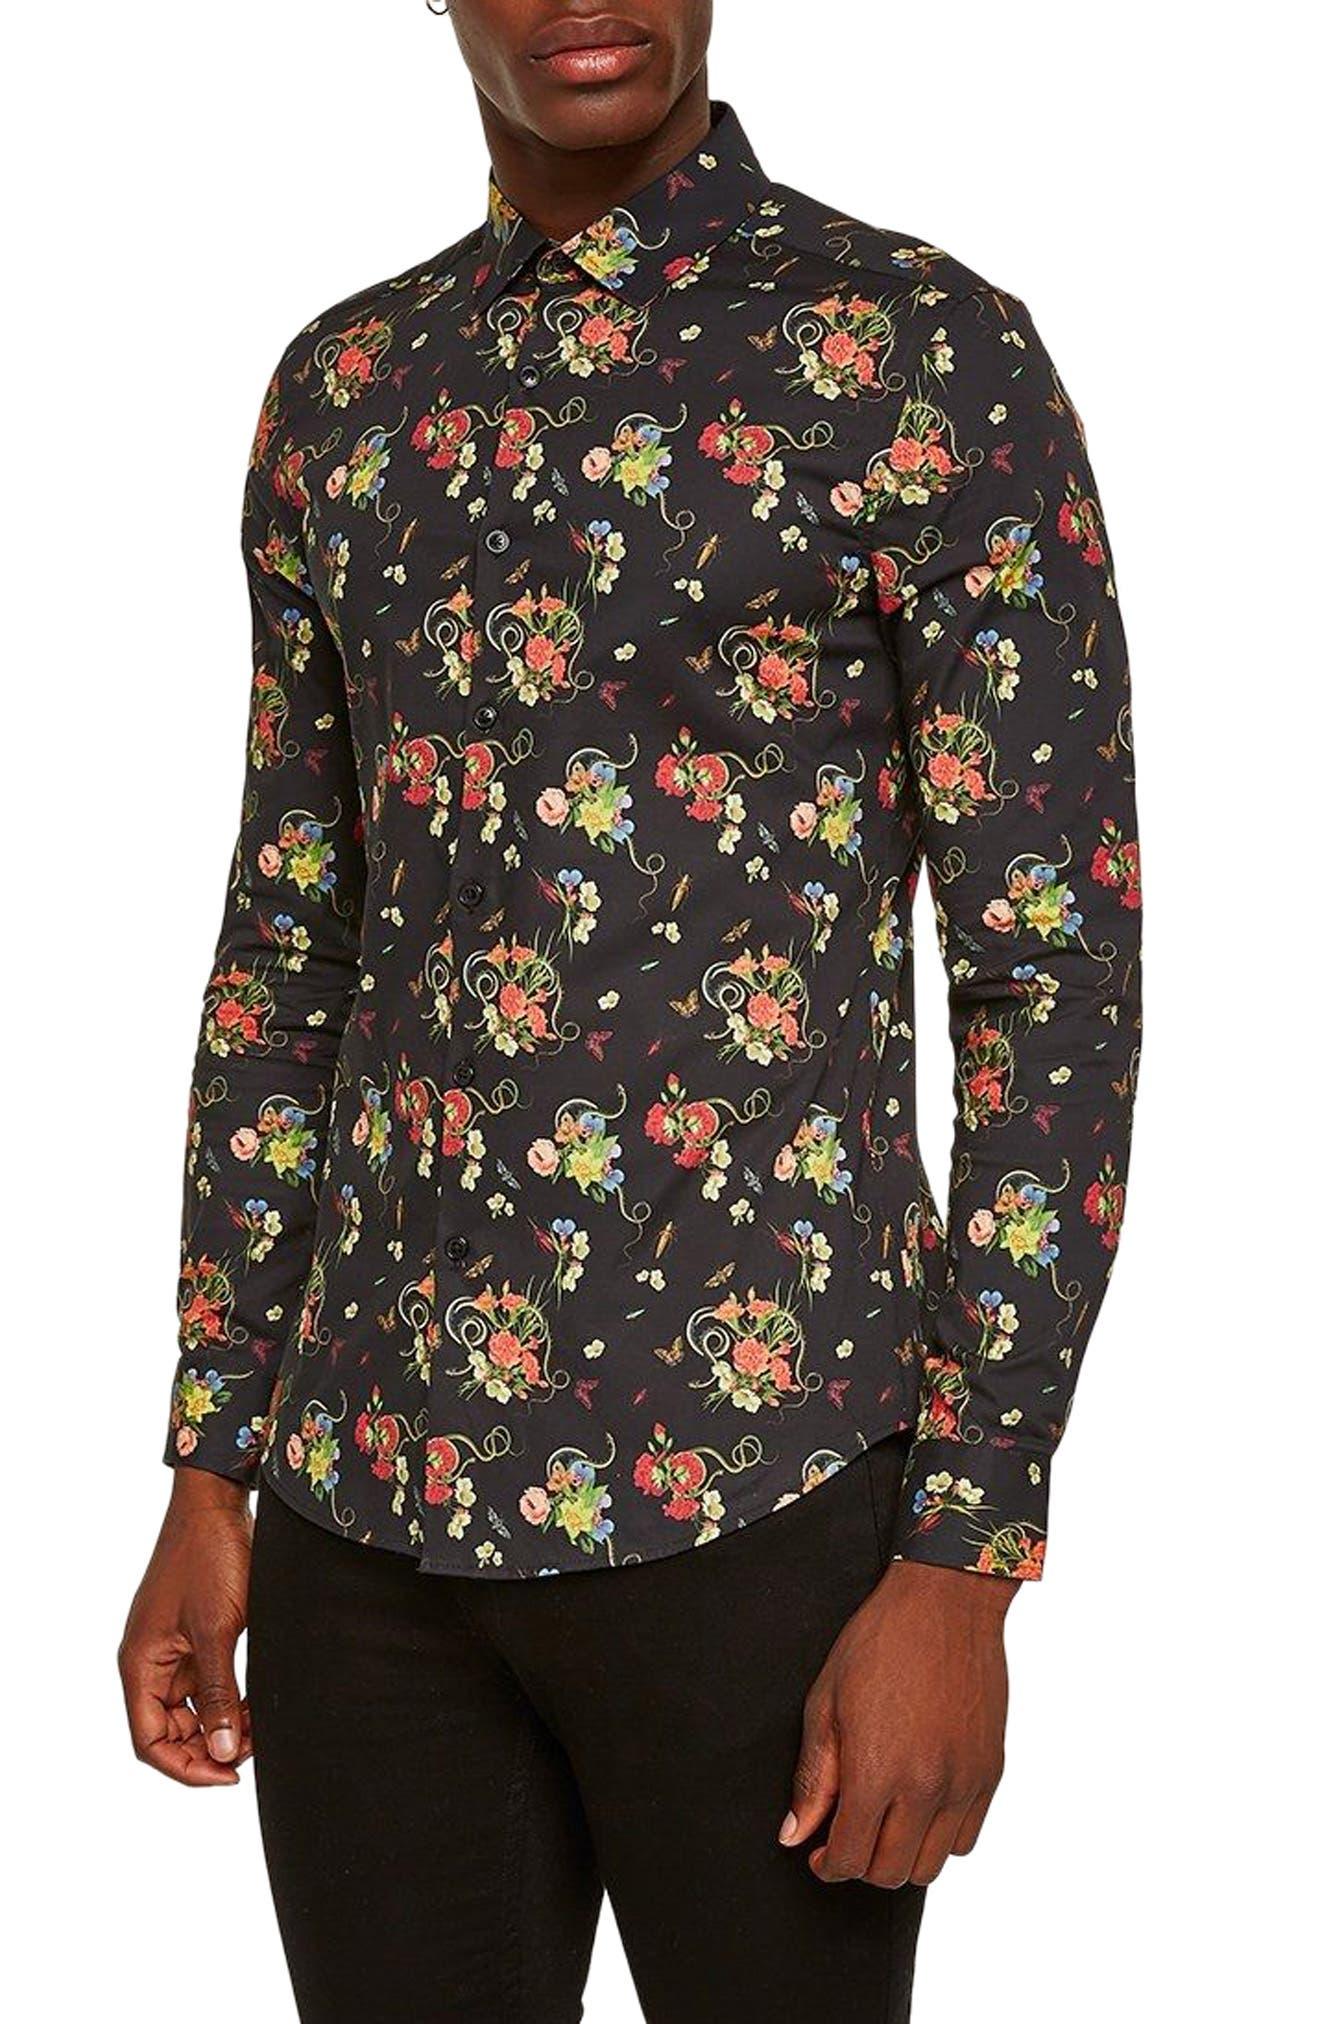 Snake Floral Print Shirt,                             Main thumbnail 1, color,                             Black Multi